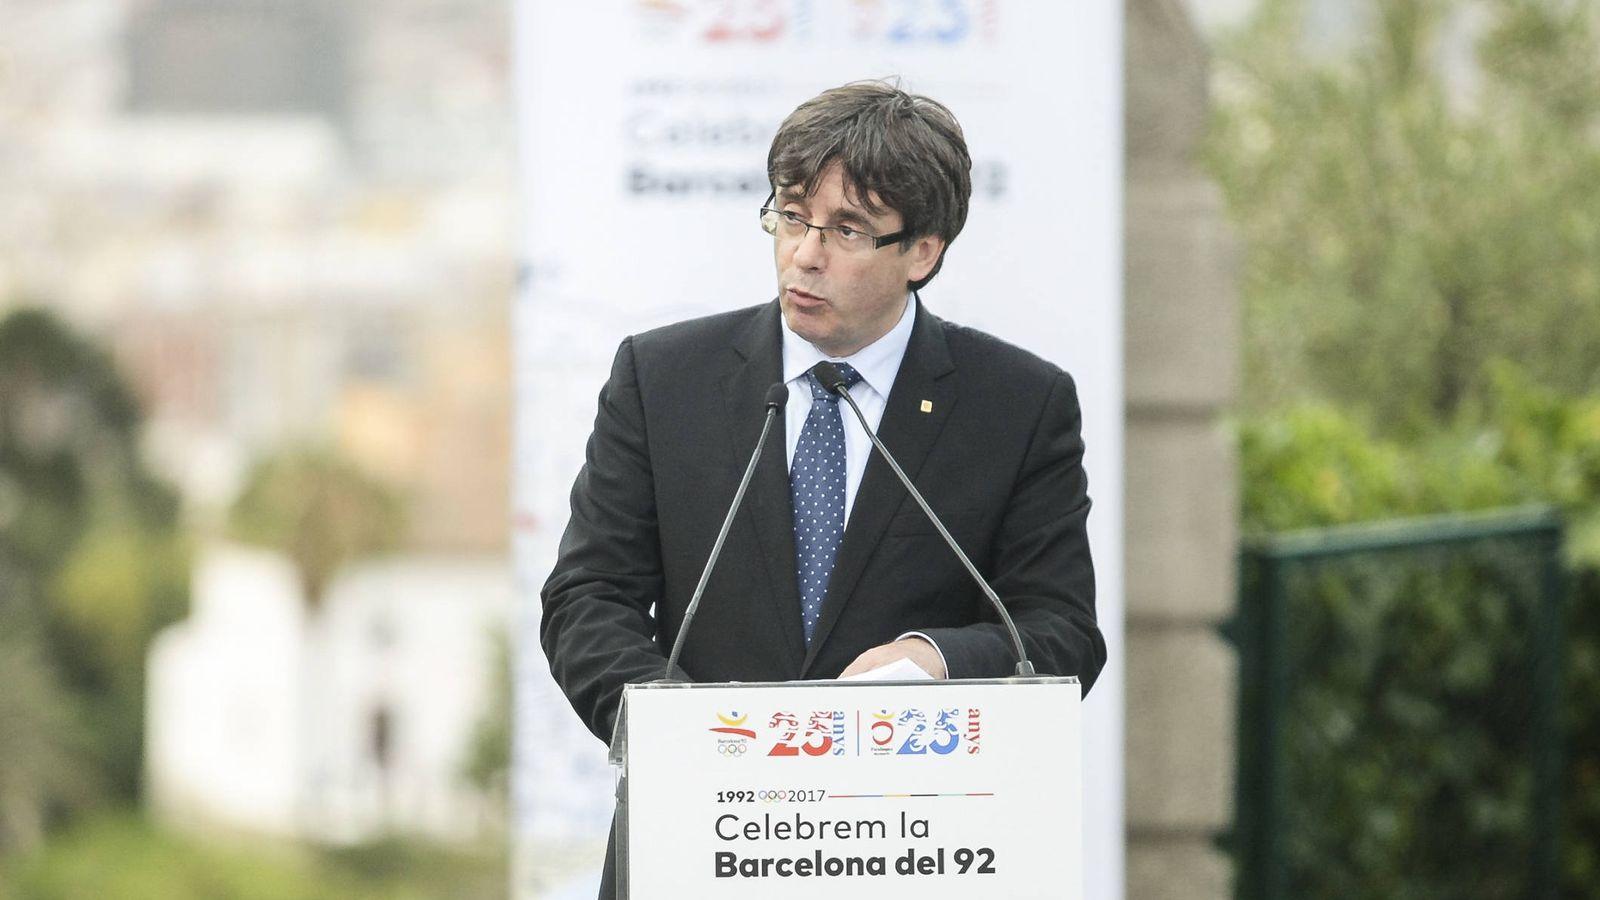 Foto: Puigdemont, acusado de ser un terrorista por parte de la televisión mexicano. (Gtres)